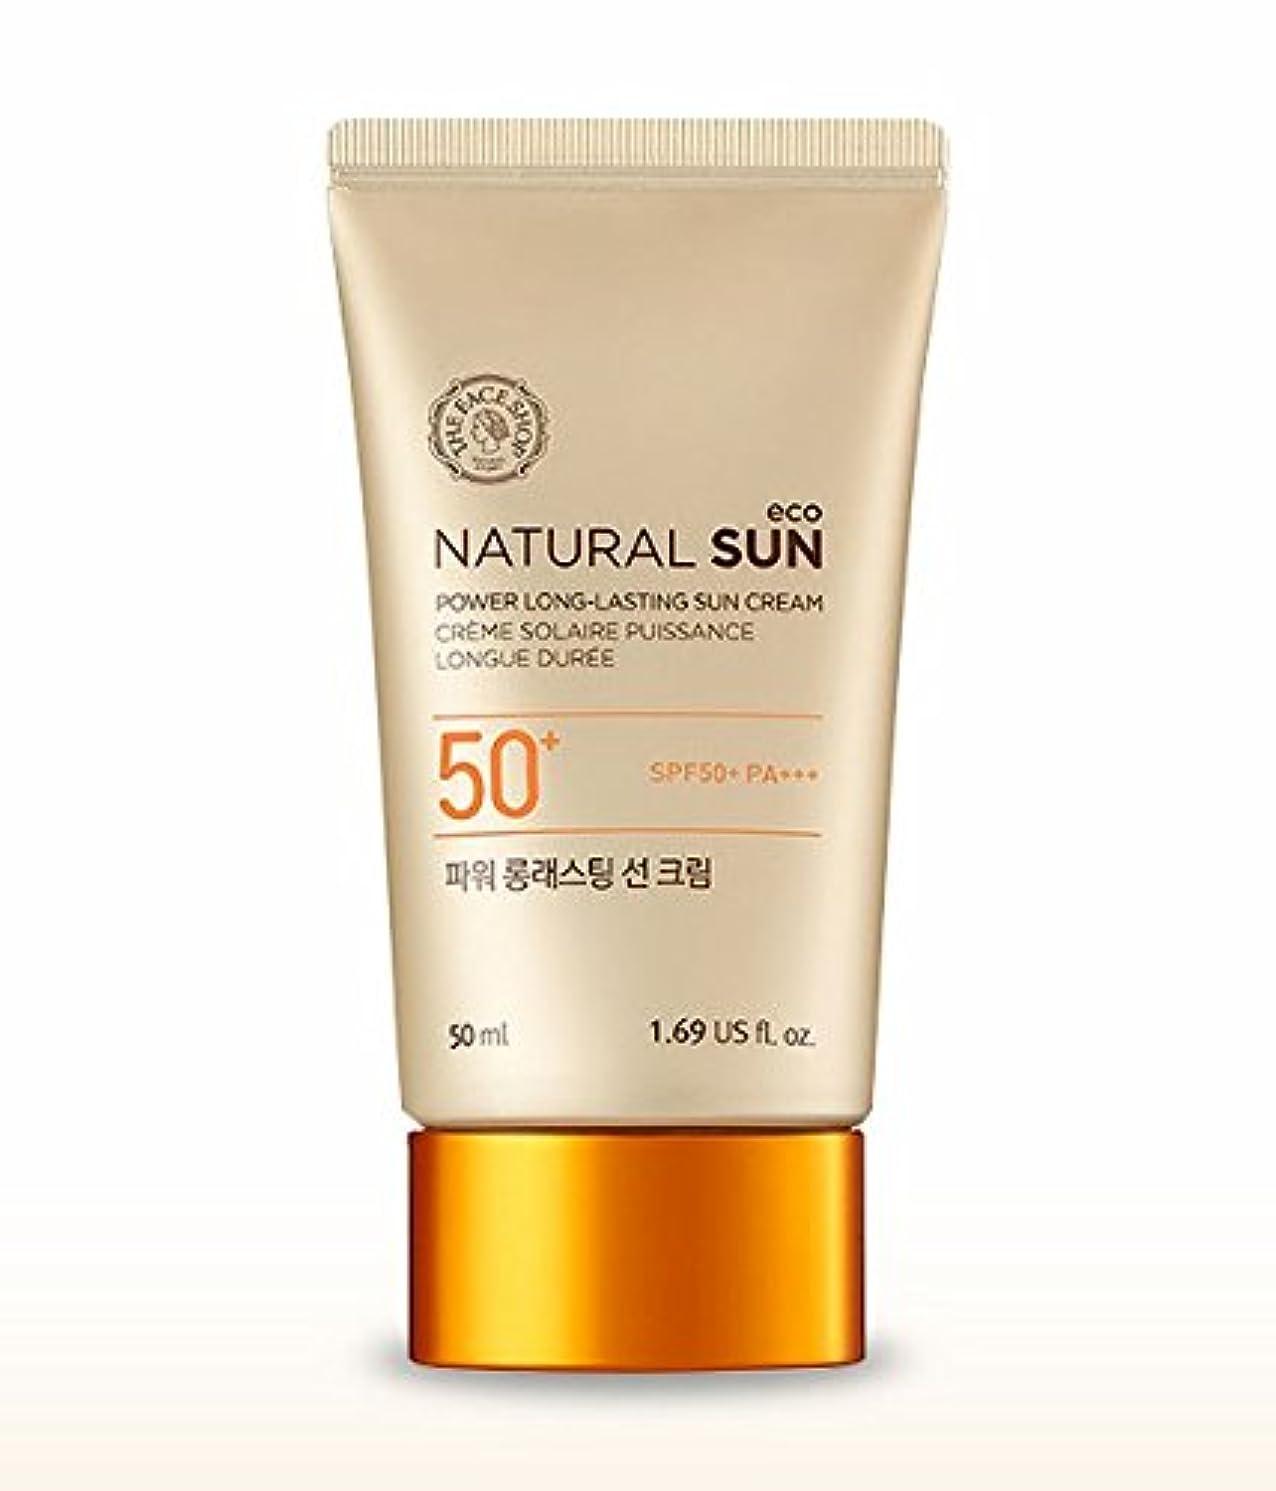 町誤解する重々しいTHE FACE SHOP Natural Sun Eco Power Long Lasting Sun Cream 50mlザフェイスショップ ナチュラルサンパワーロングラスティングサンクリーム [並行輸入品]